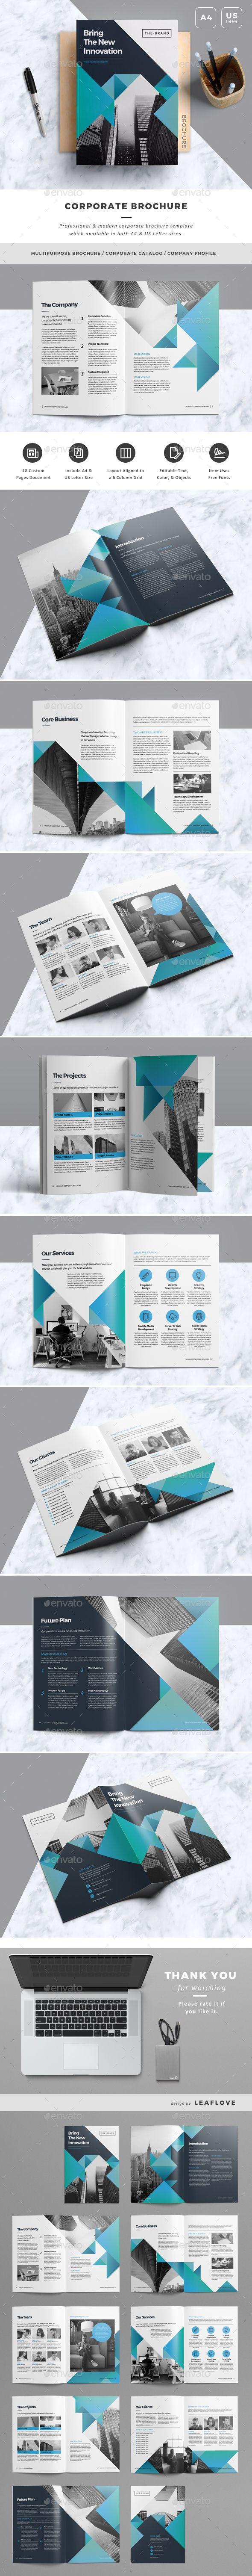 Brochure - Corporate Brochures Download here : https://graphicriver.net/item/brochure/19684800?s_rank=37&ref=Al-fatih